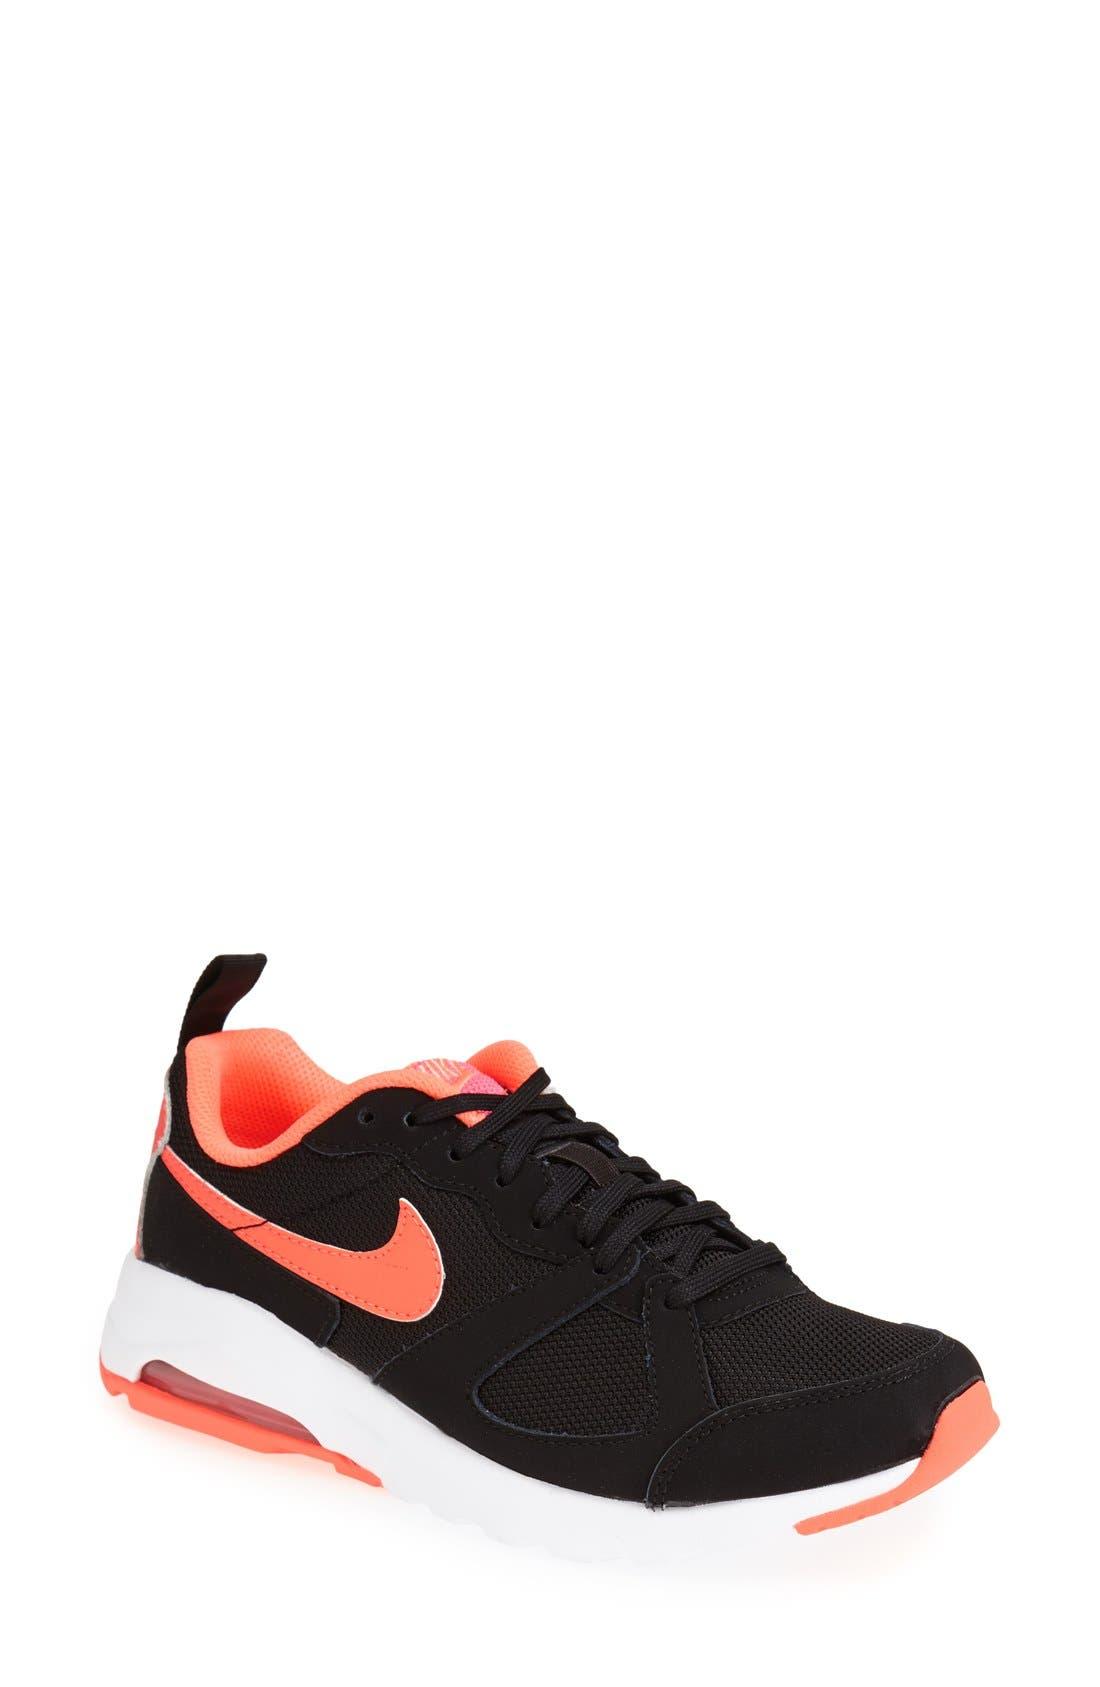 Main Image - Nike 'Air Max - Muse' Sneaker (Women)